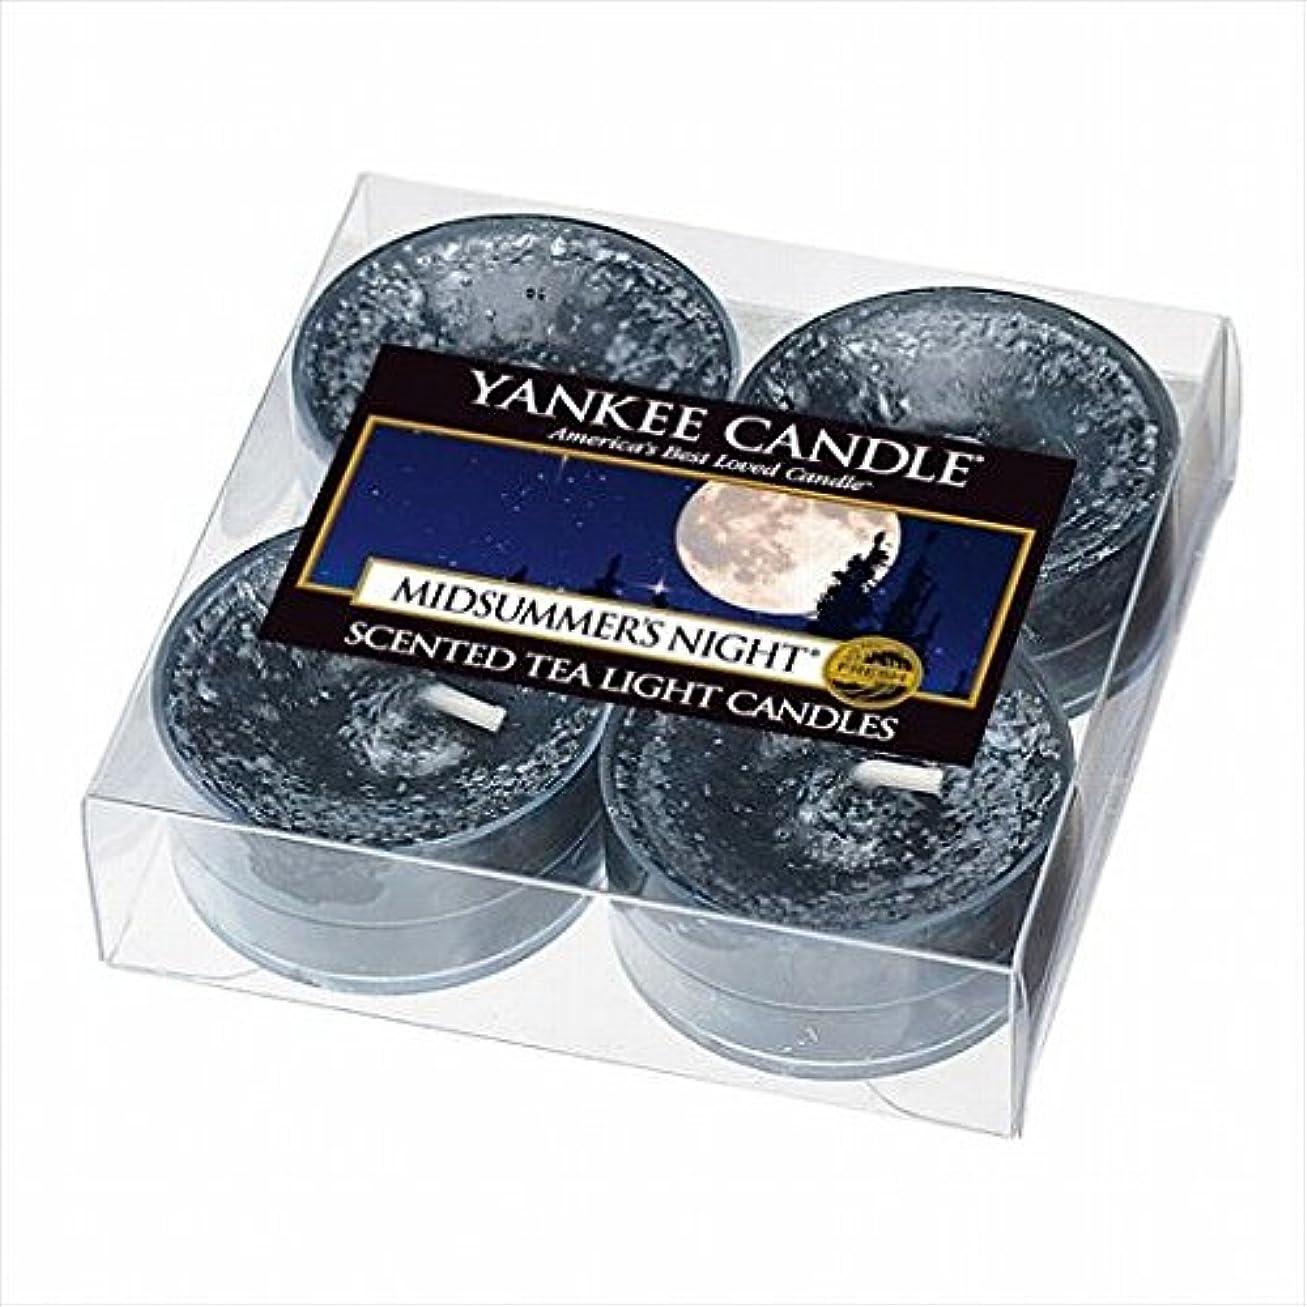 異なる入るびっくりカメヤマキャンドル( kameyama candle ) YANKEE CANDLE クリアカップティーライト4個入り 「 ミッドサマーズナイト 」